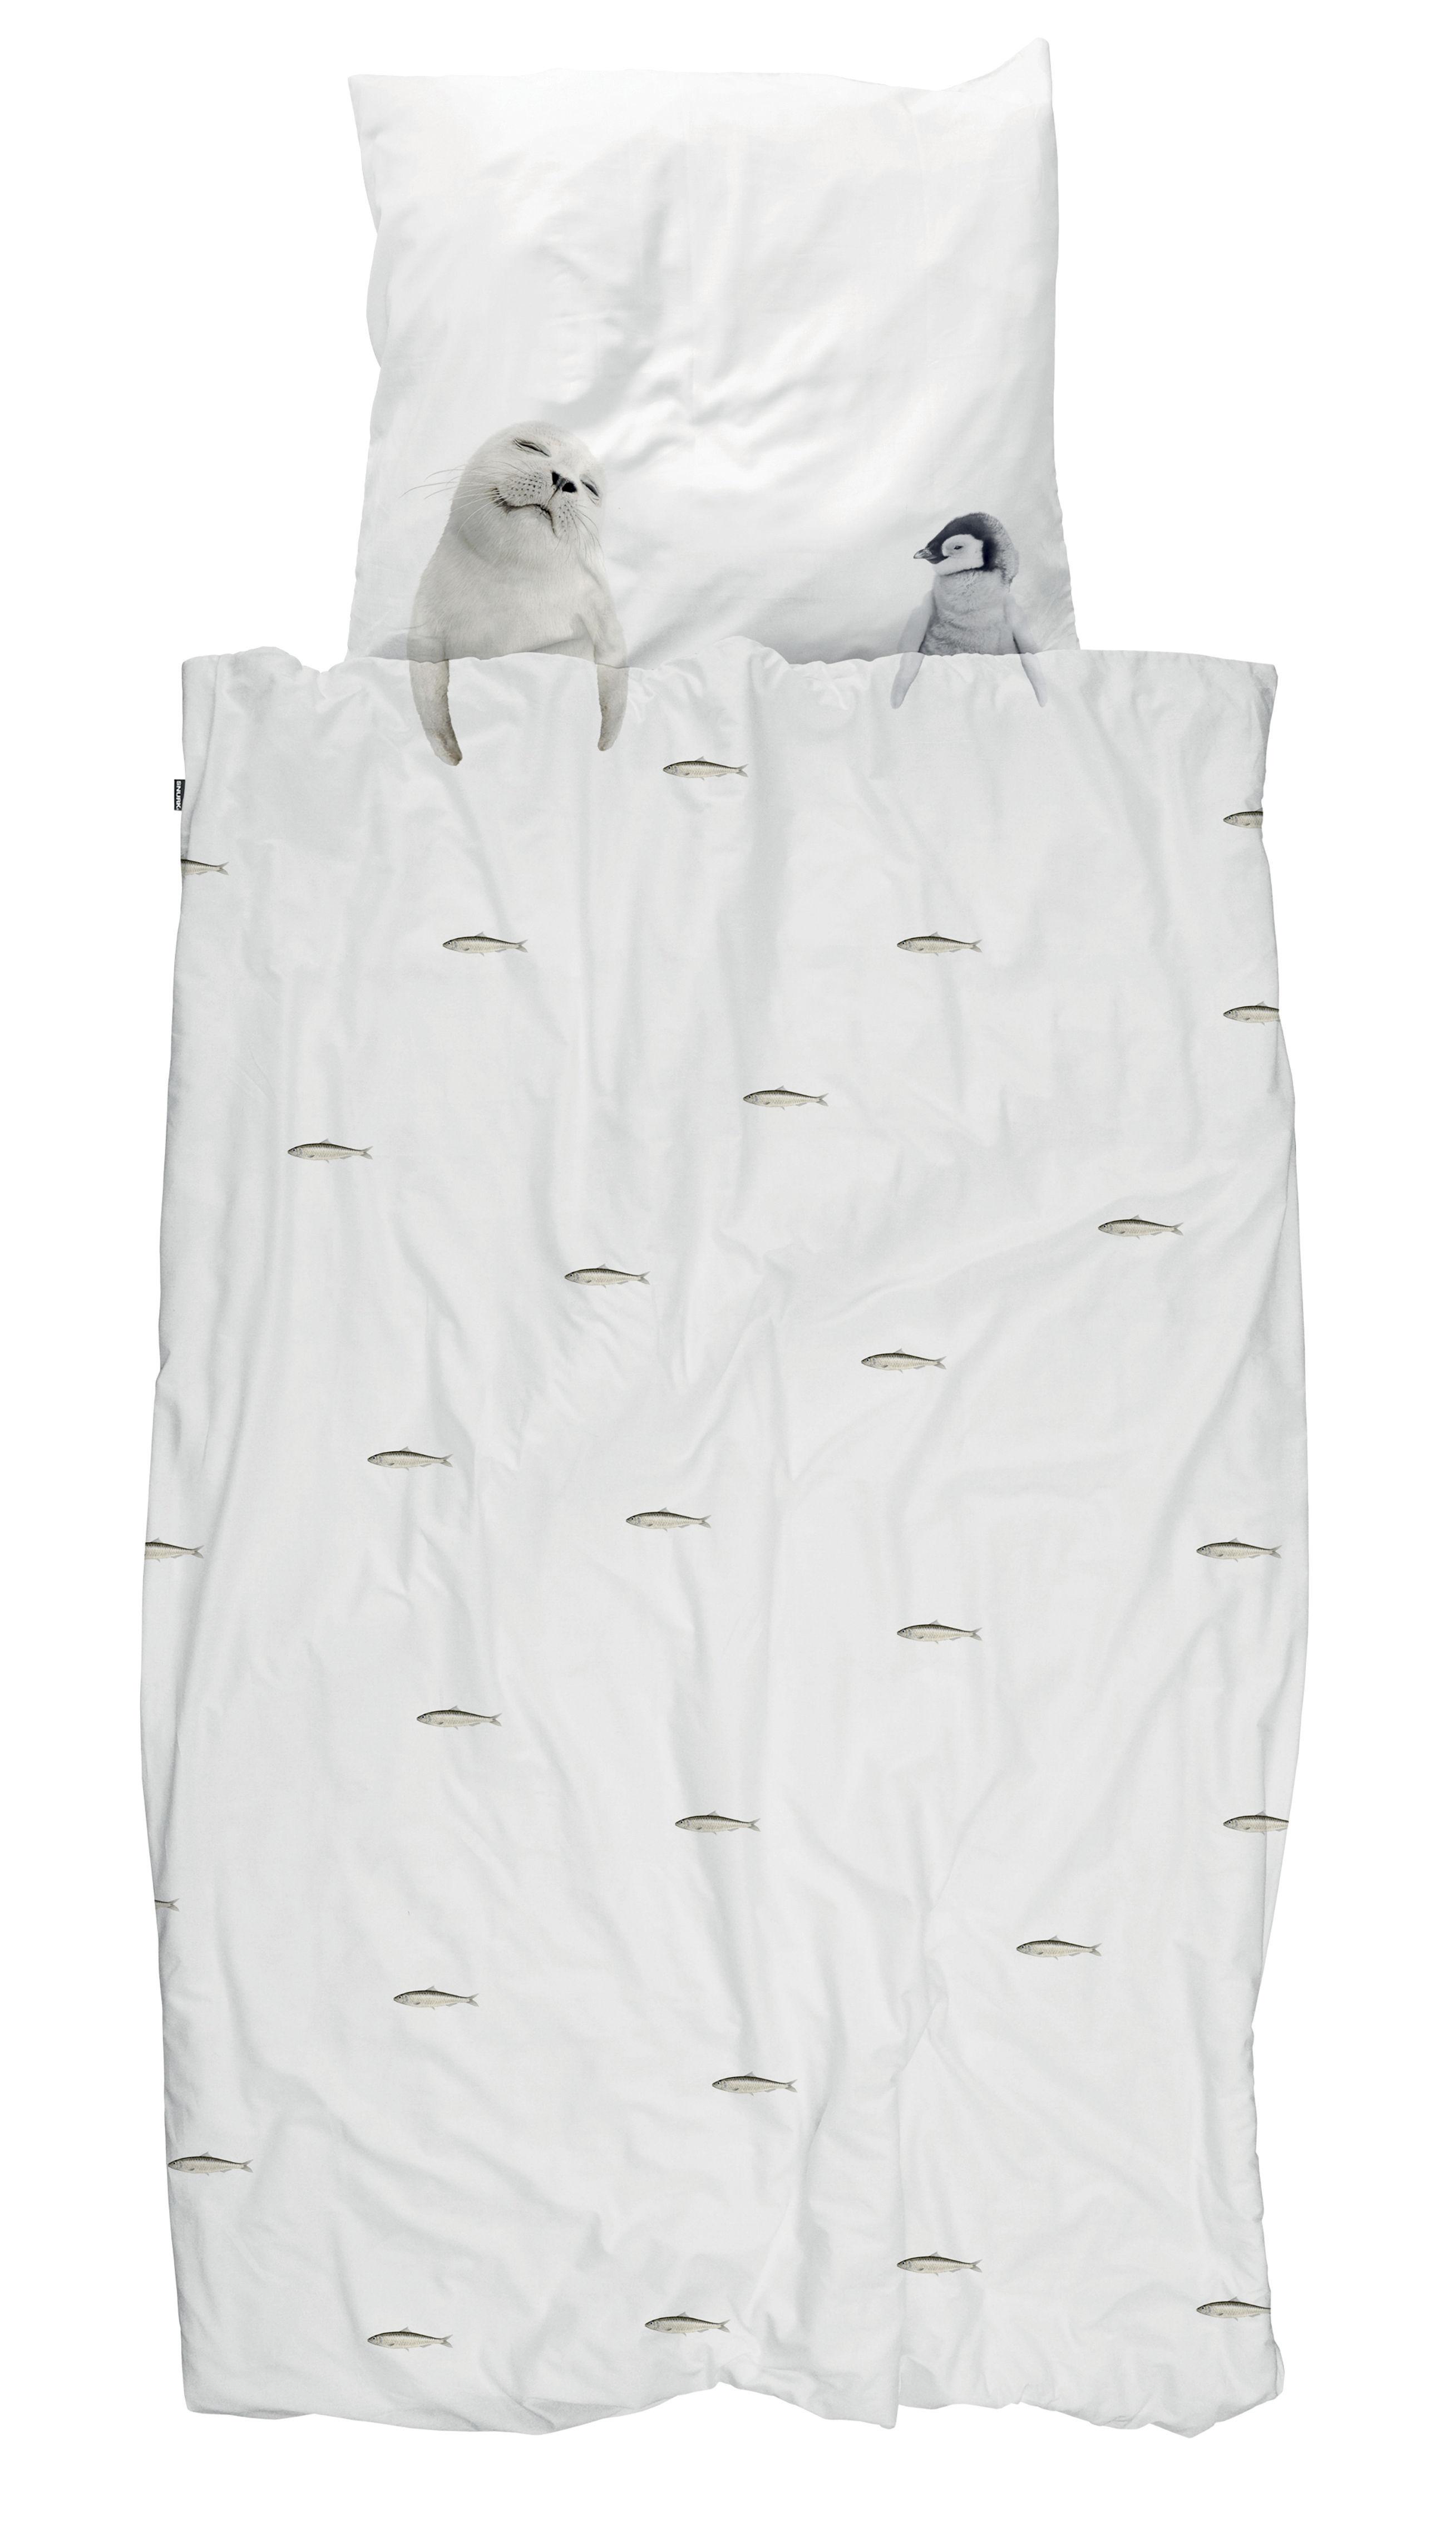 Déco - Pour les enfants - Parure de lit 1 personne Artic friends / 140 x 200 cm - Snurk - Animaux Arctique / Blanc & gris - Percale de coton